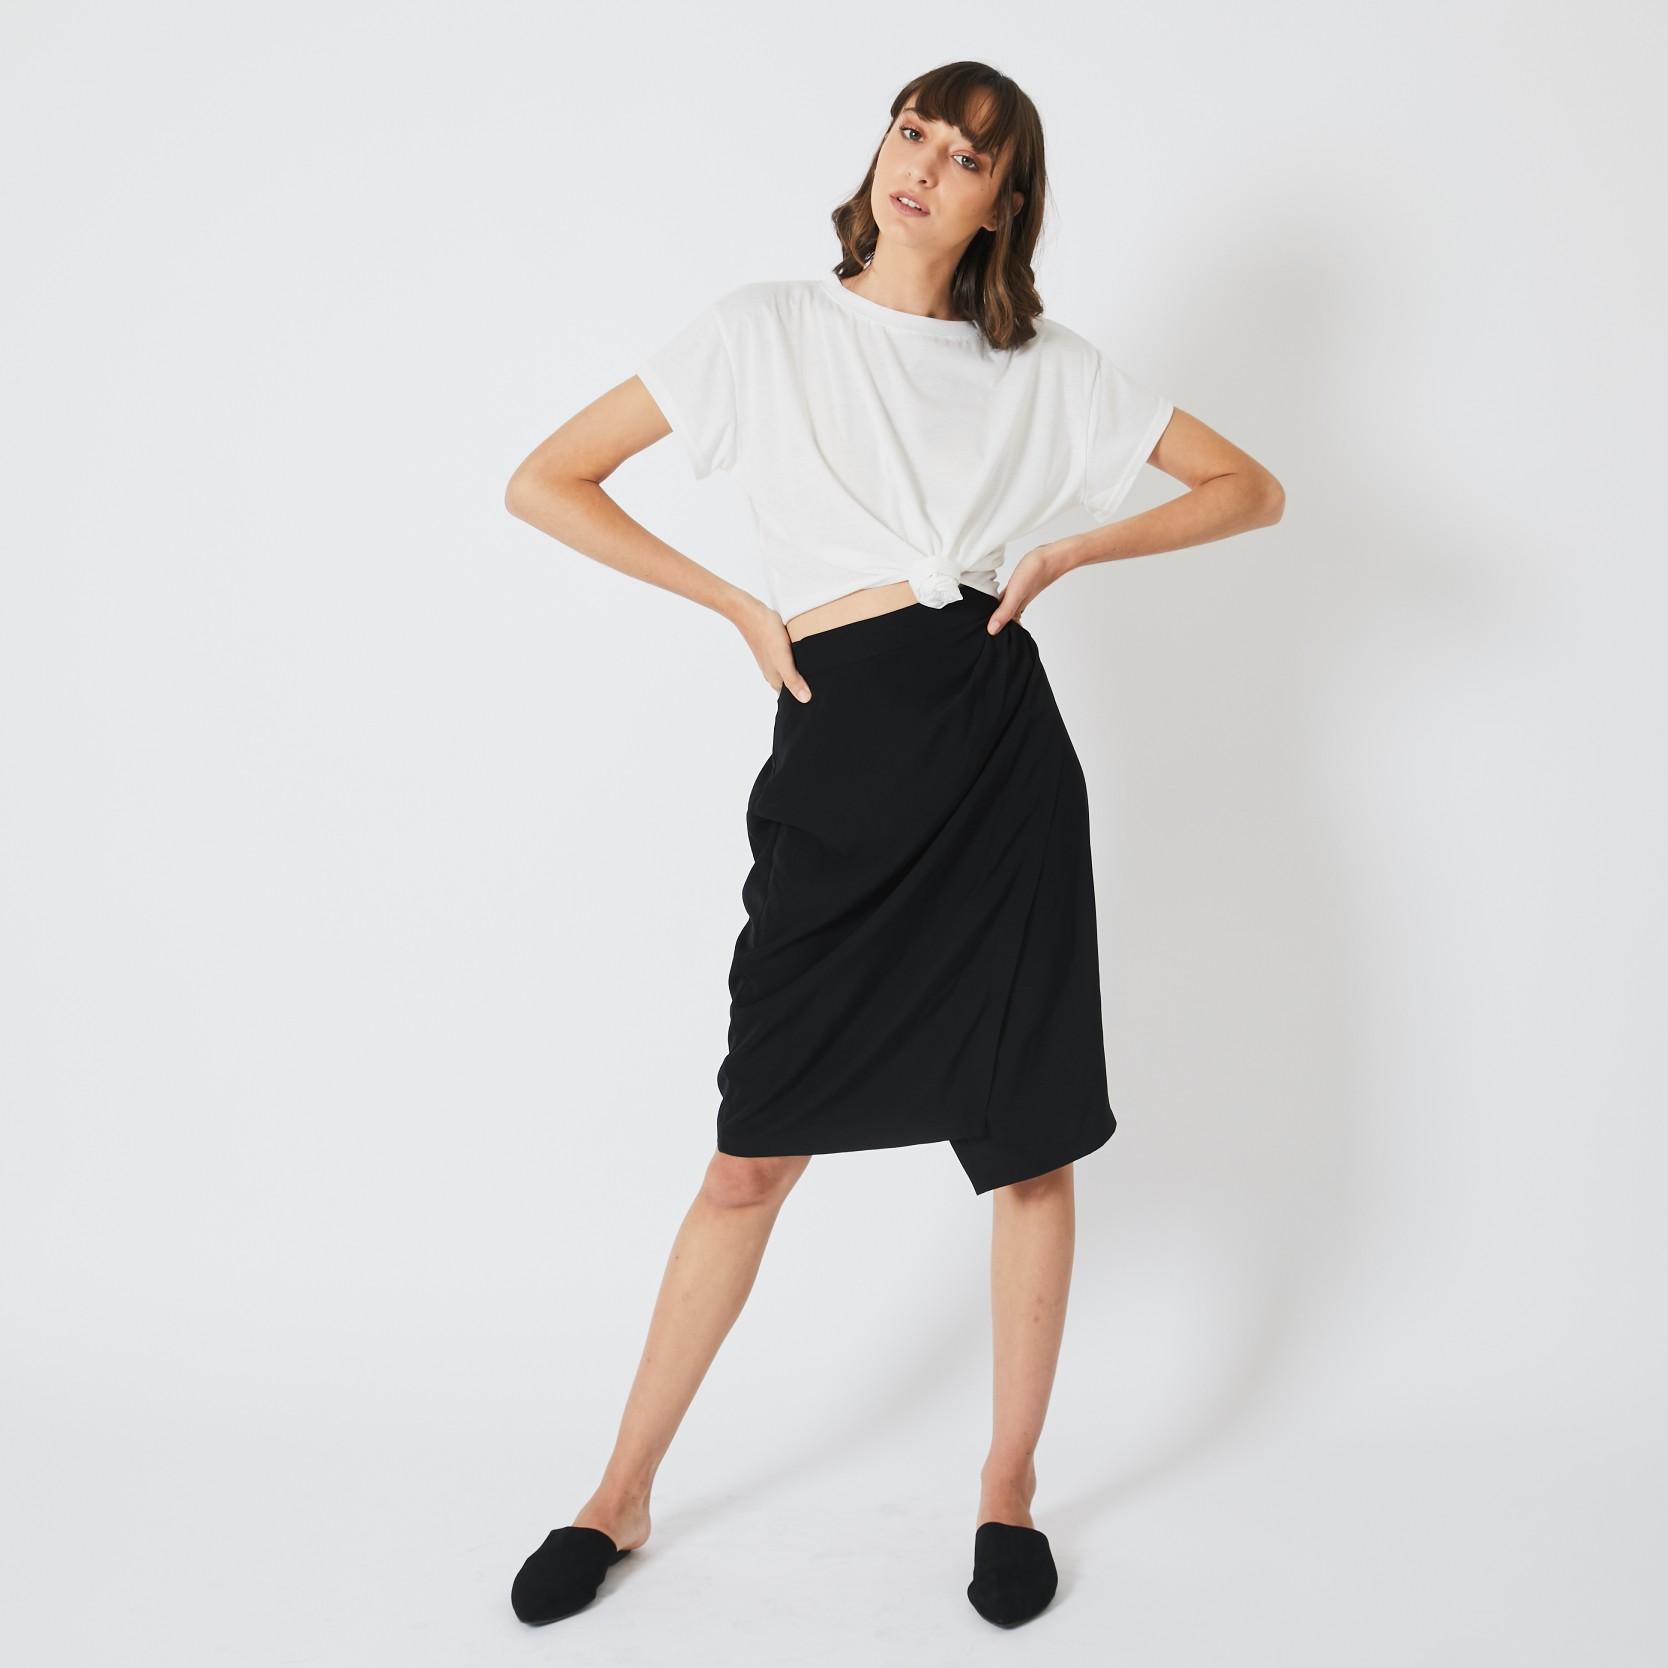 חצאית מוס שחורה